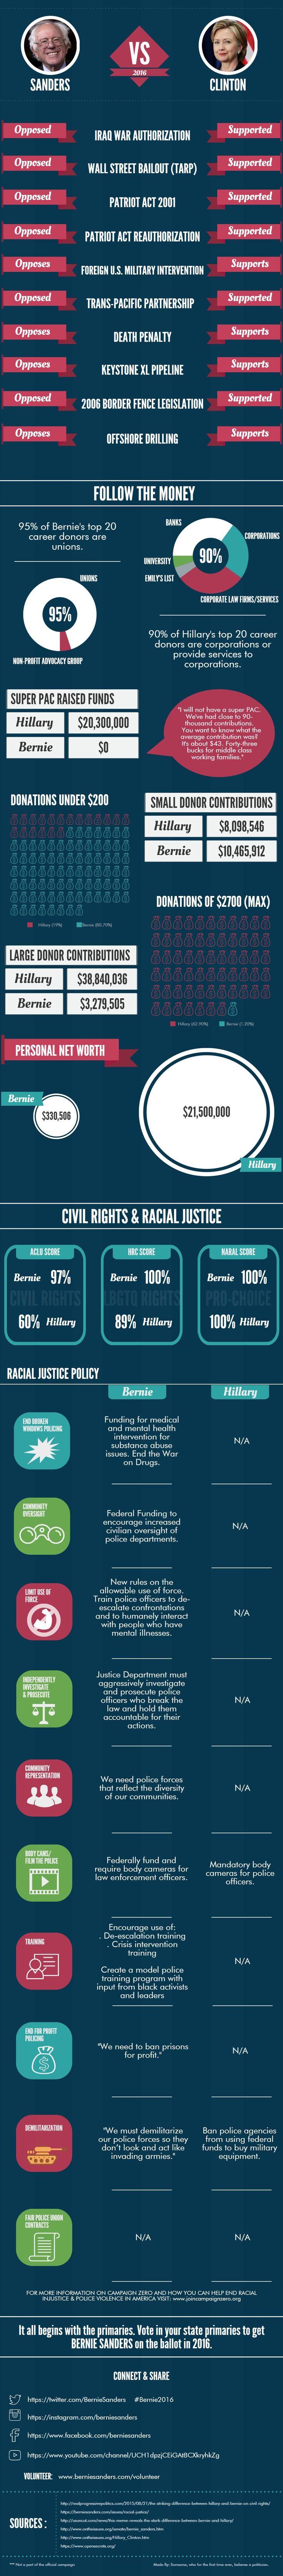 Bernie Sanders infographic   Sanders vs Clinton   2016 Presidential Primaries  #Bernie2016 #infographic